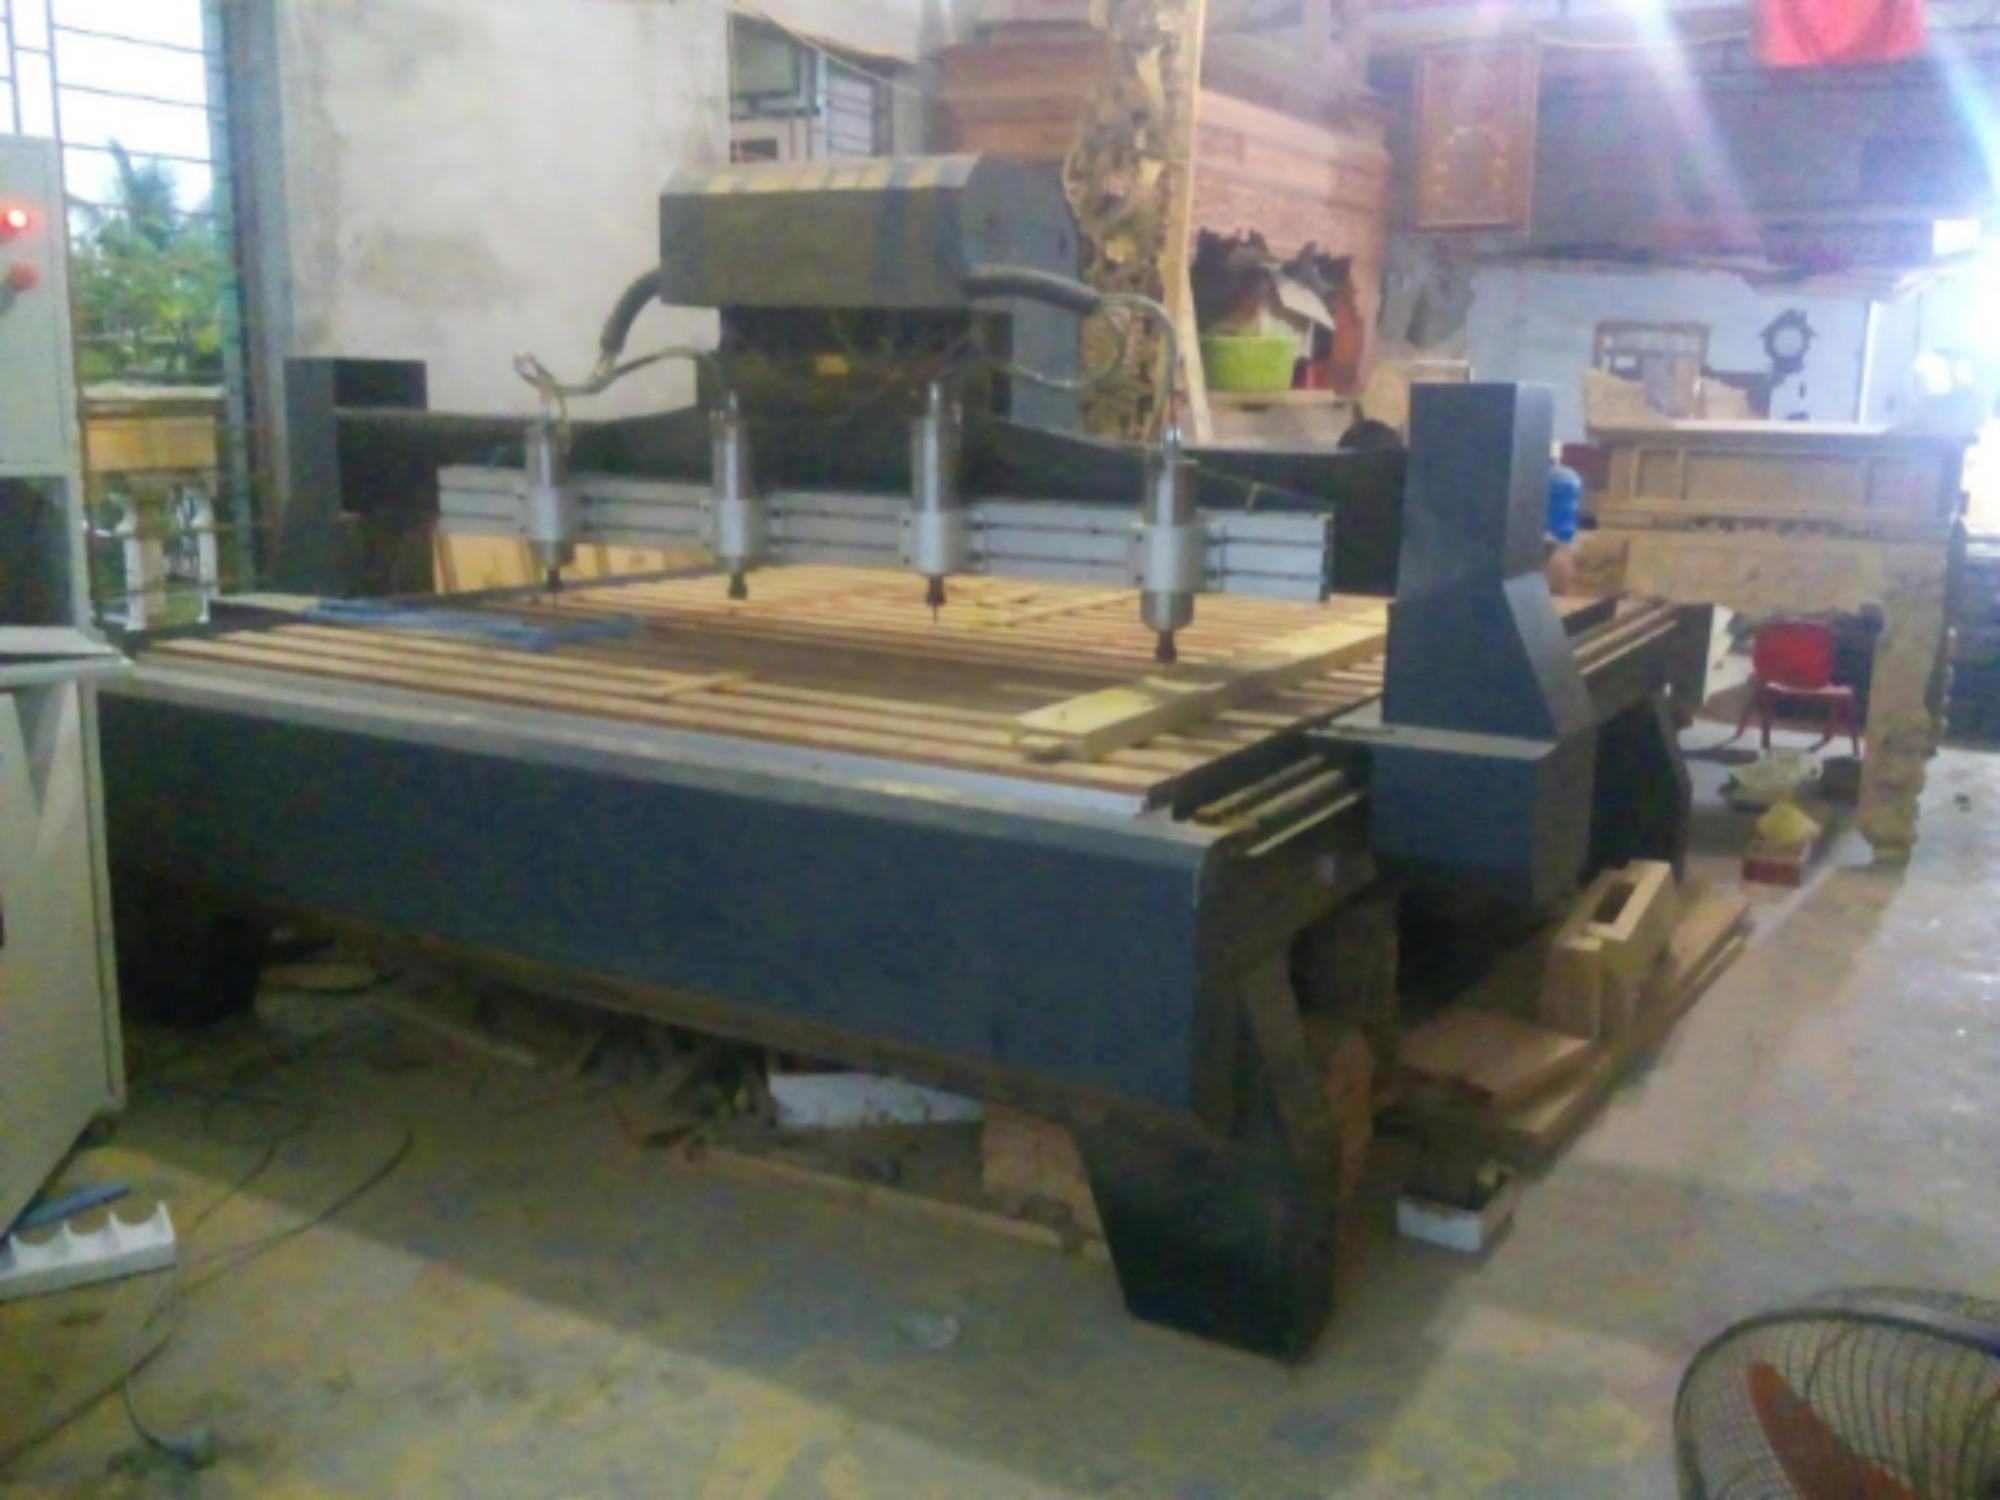 Kiểm tra cẩn thận nguồn gốc xuất sứ của dòng máy khắc gỗ vi tính giá rẻ mà bạn dự định chọn mua cho mình